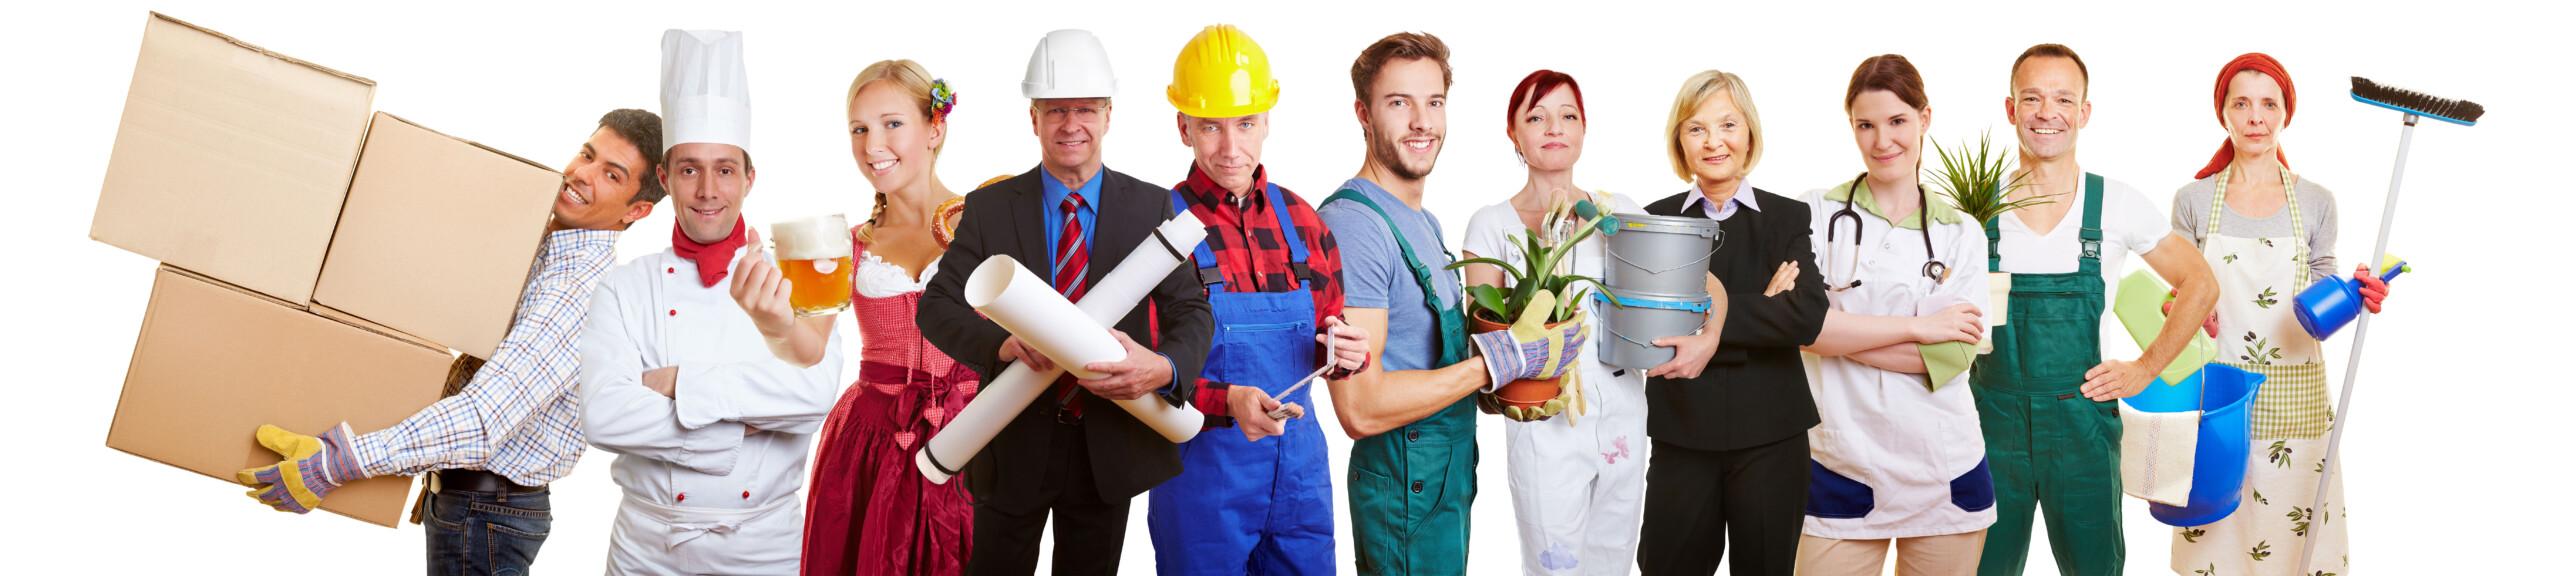 hier gehts nicht nur um Jobs suchen - Persoring die erste Auftragsplattform Deutschlands